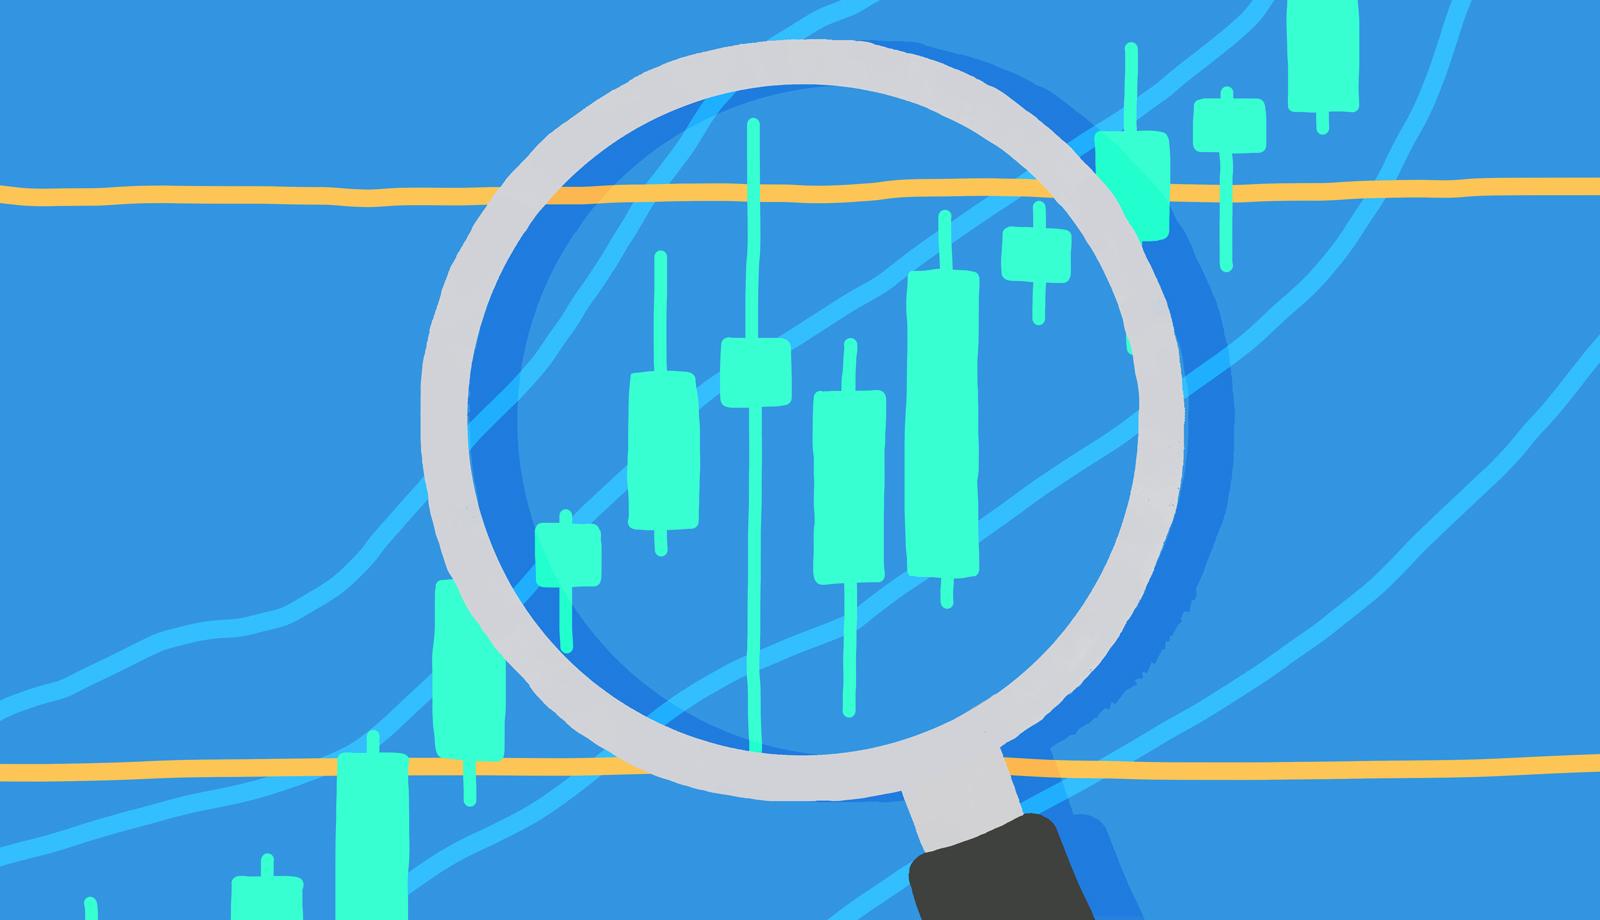 投資商品の選び方「貯蓄型保険・株式・投資信託の特徴」